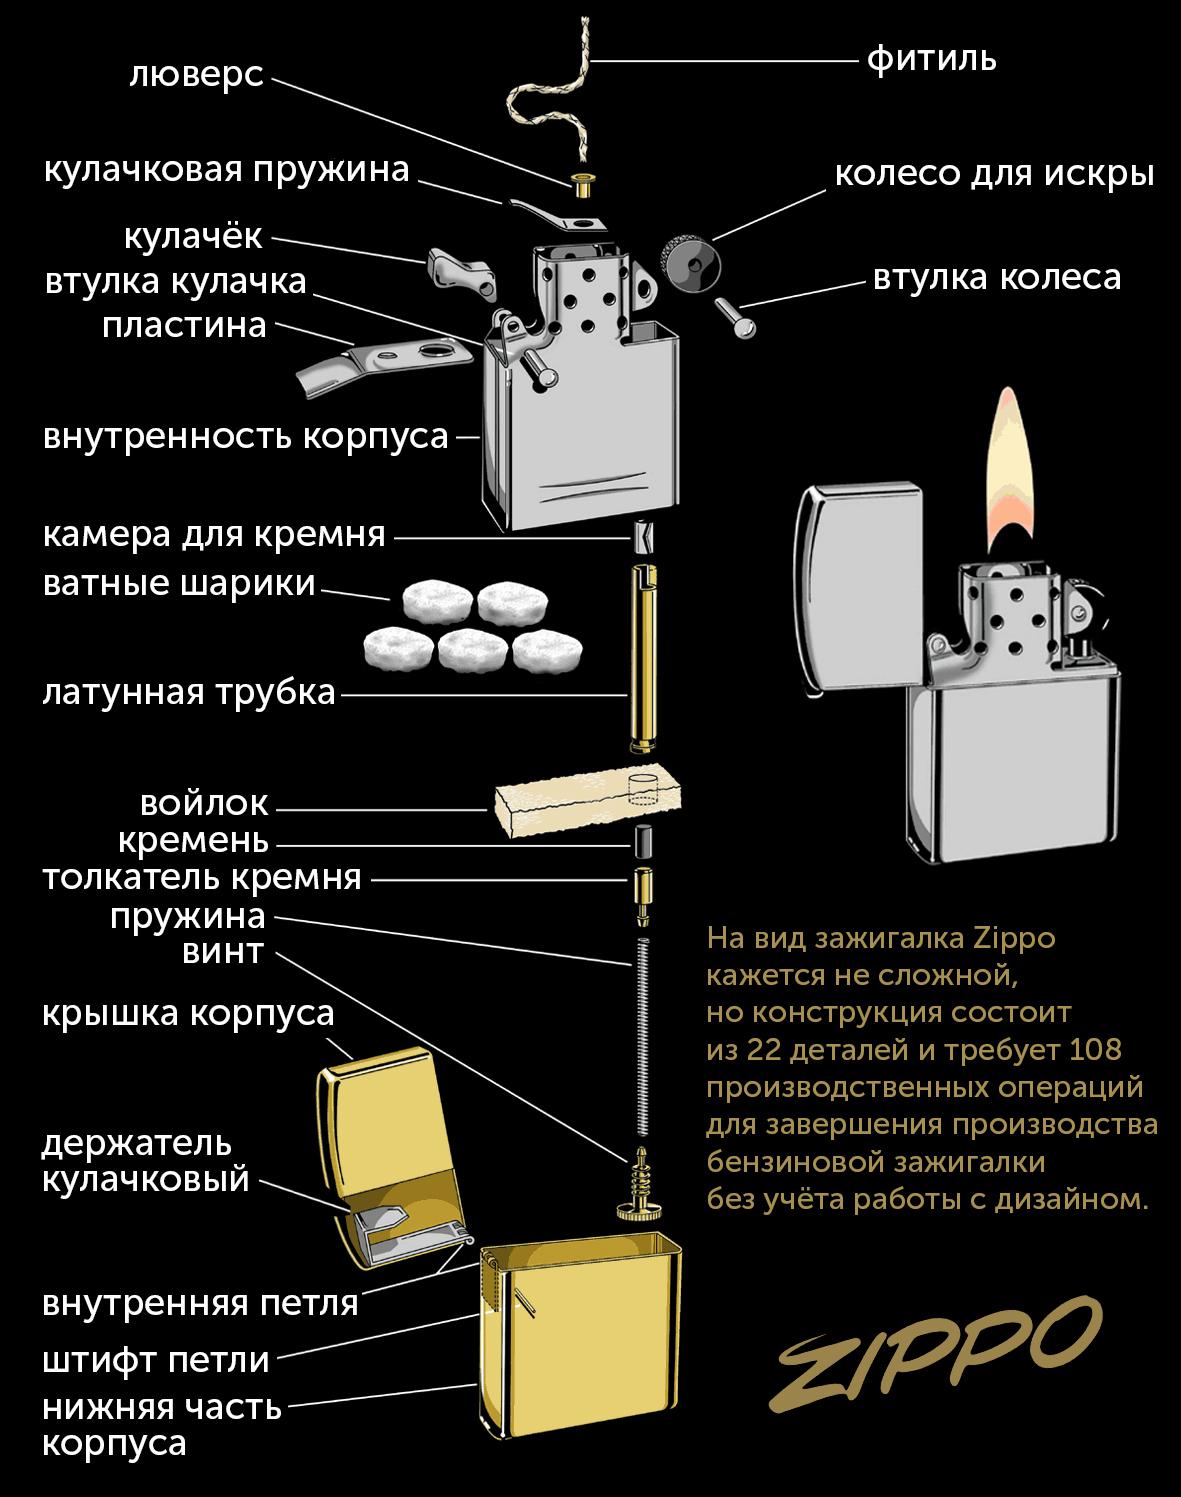 Детальная конструкция бензиновой зажигалки Zippo